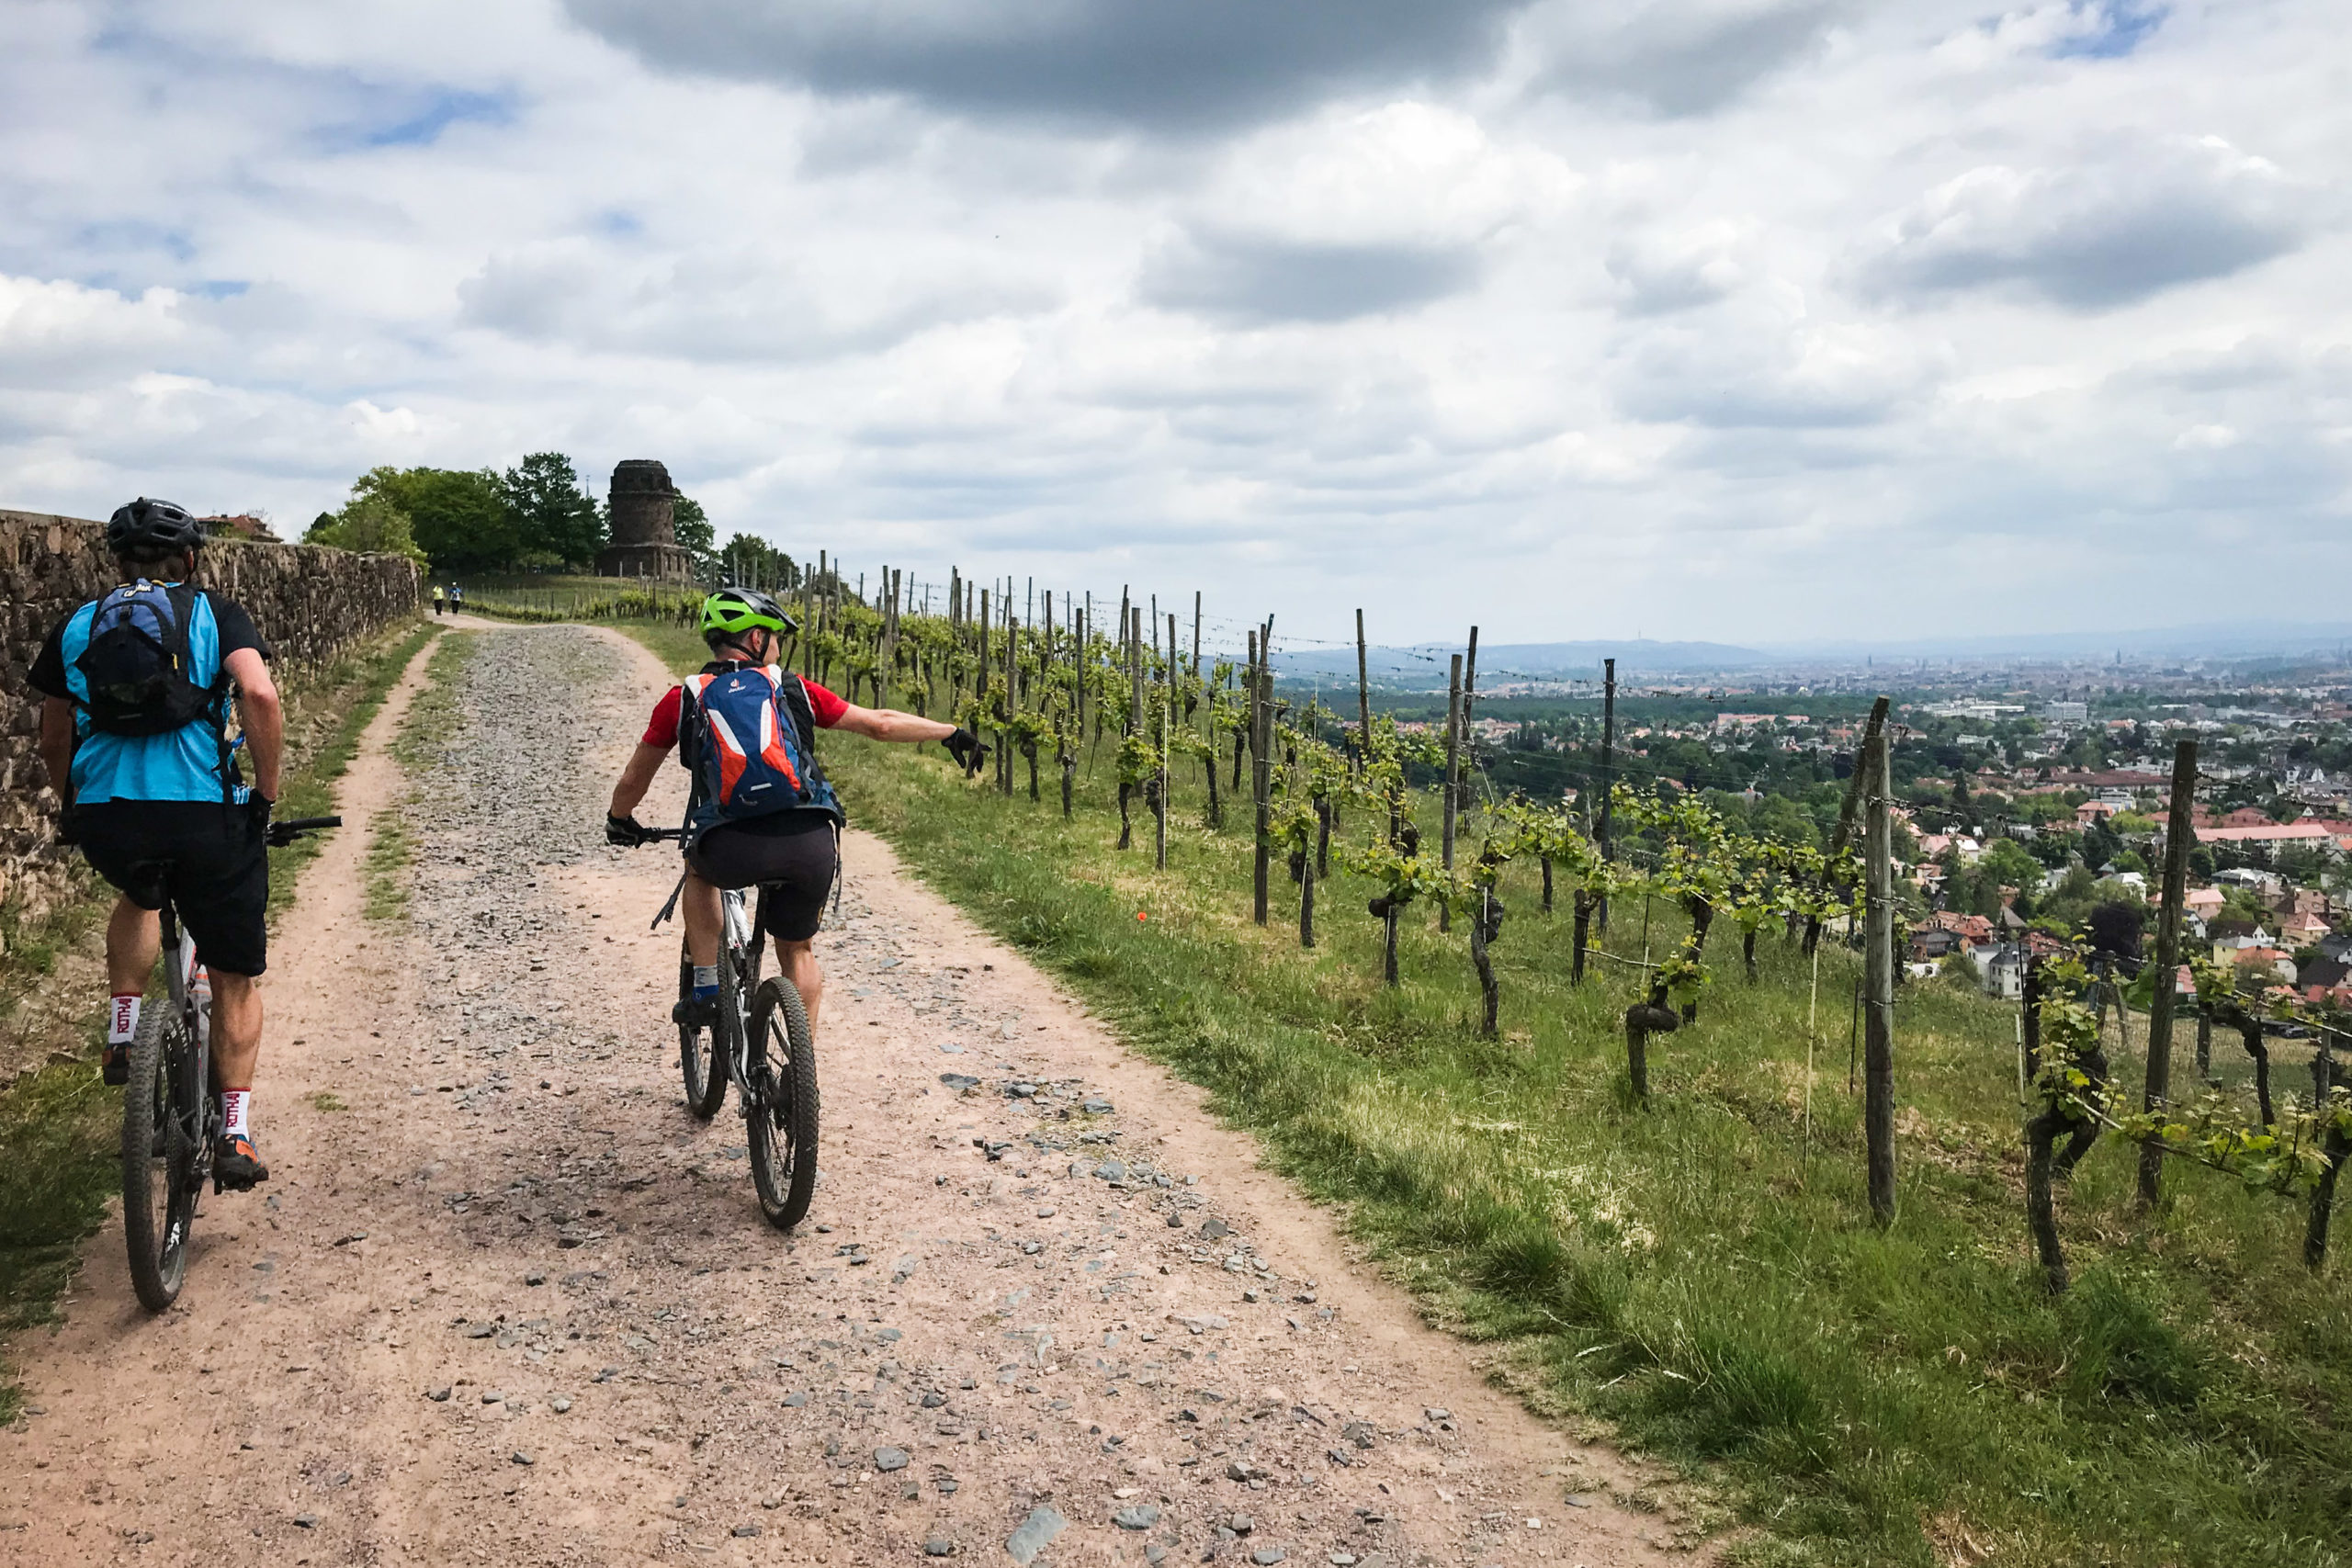 Die Radebeuler Weinhänge sind ein beliebtes Ausflugsziel